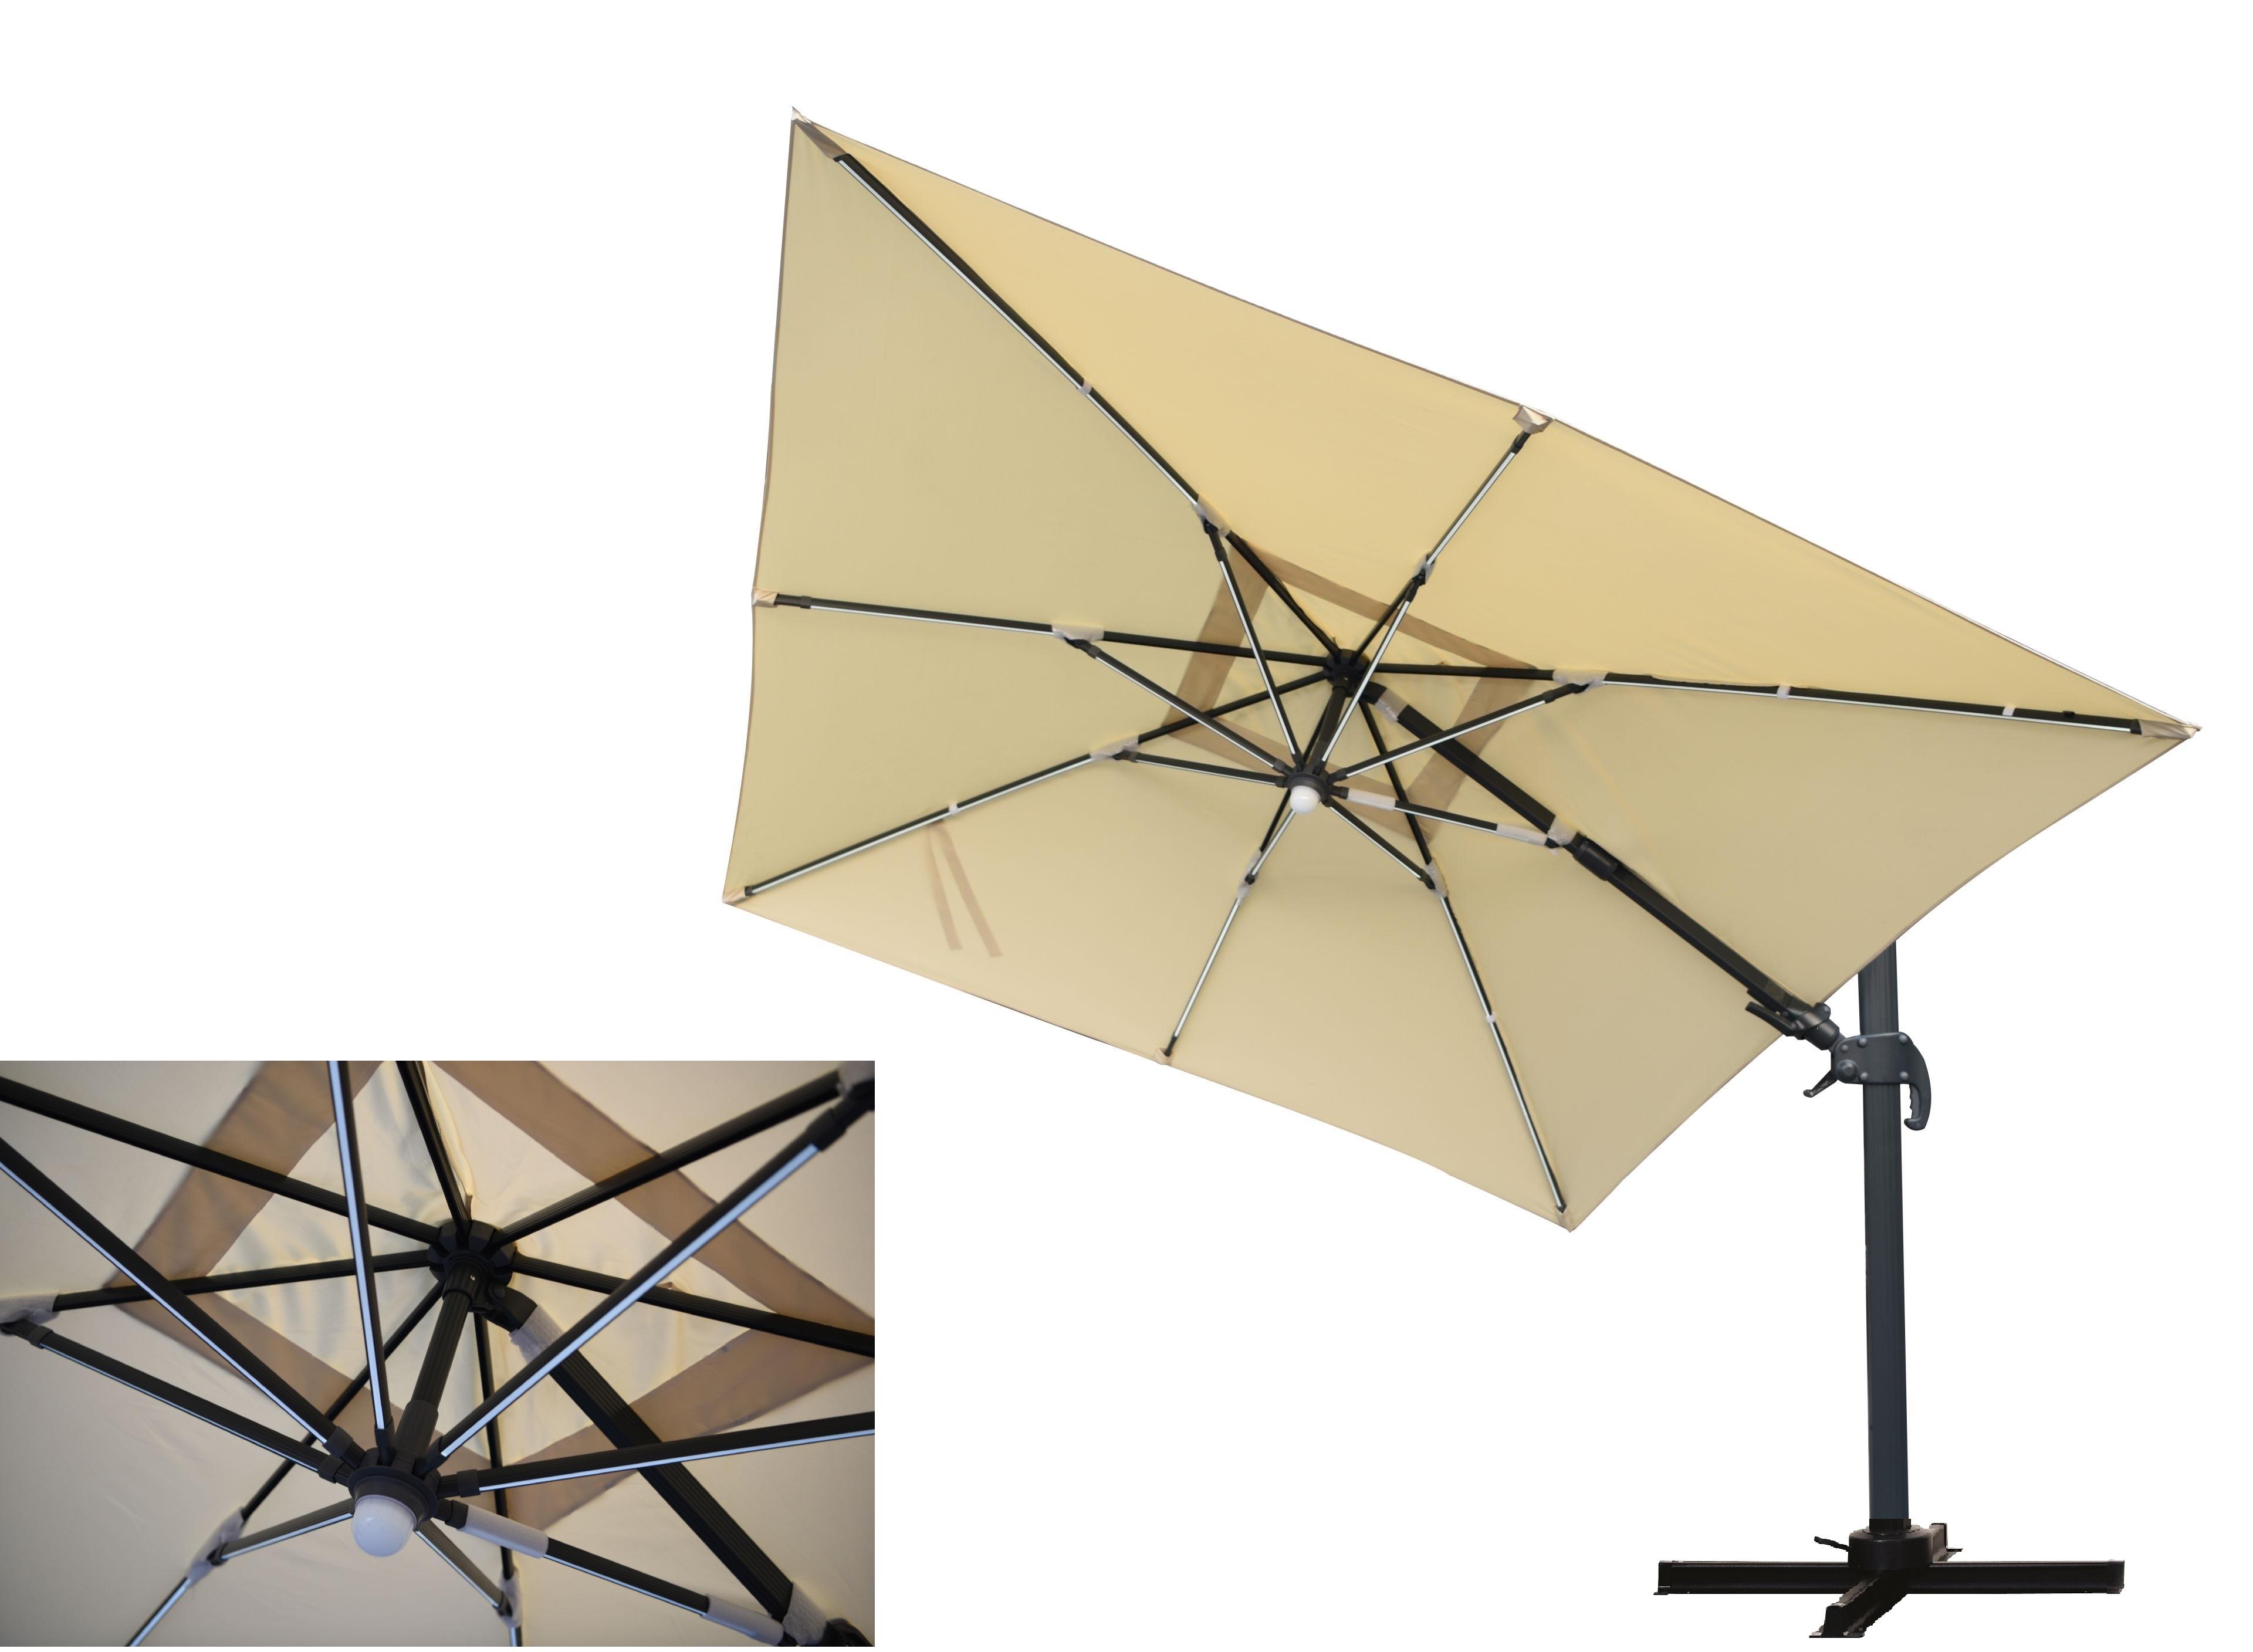 MOONLIGHT Ampelschirm 300x300cm mit LED Licht natur Sonnenschirme Sonnenschutz Garten